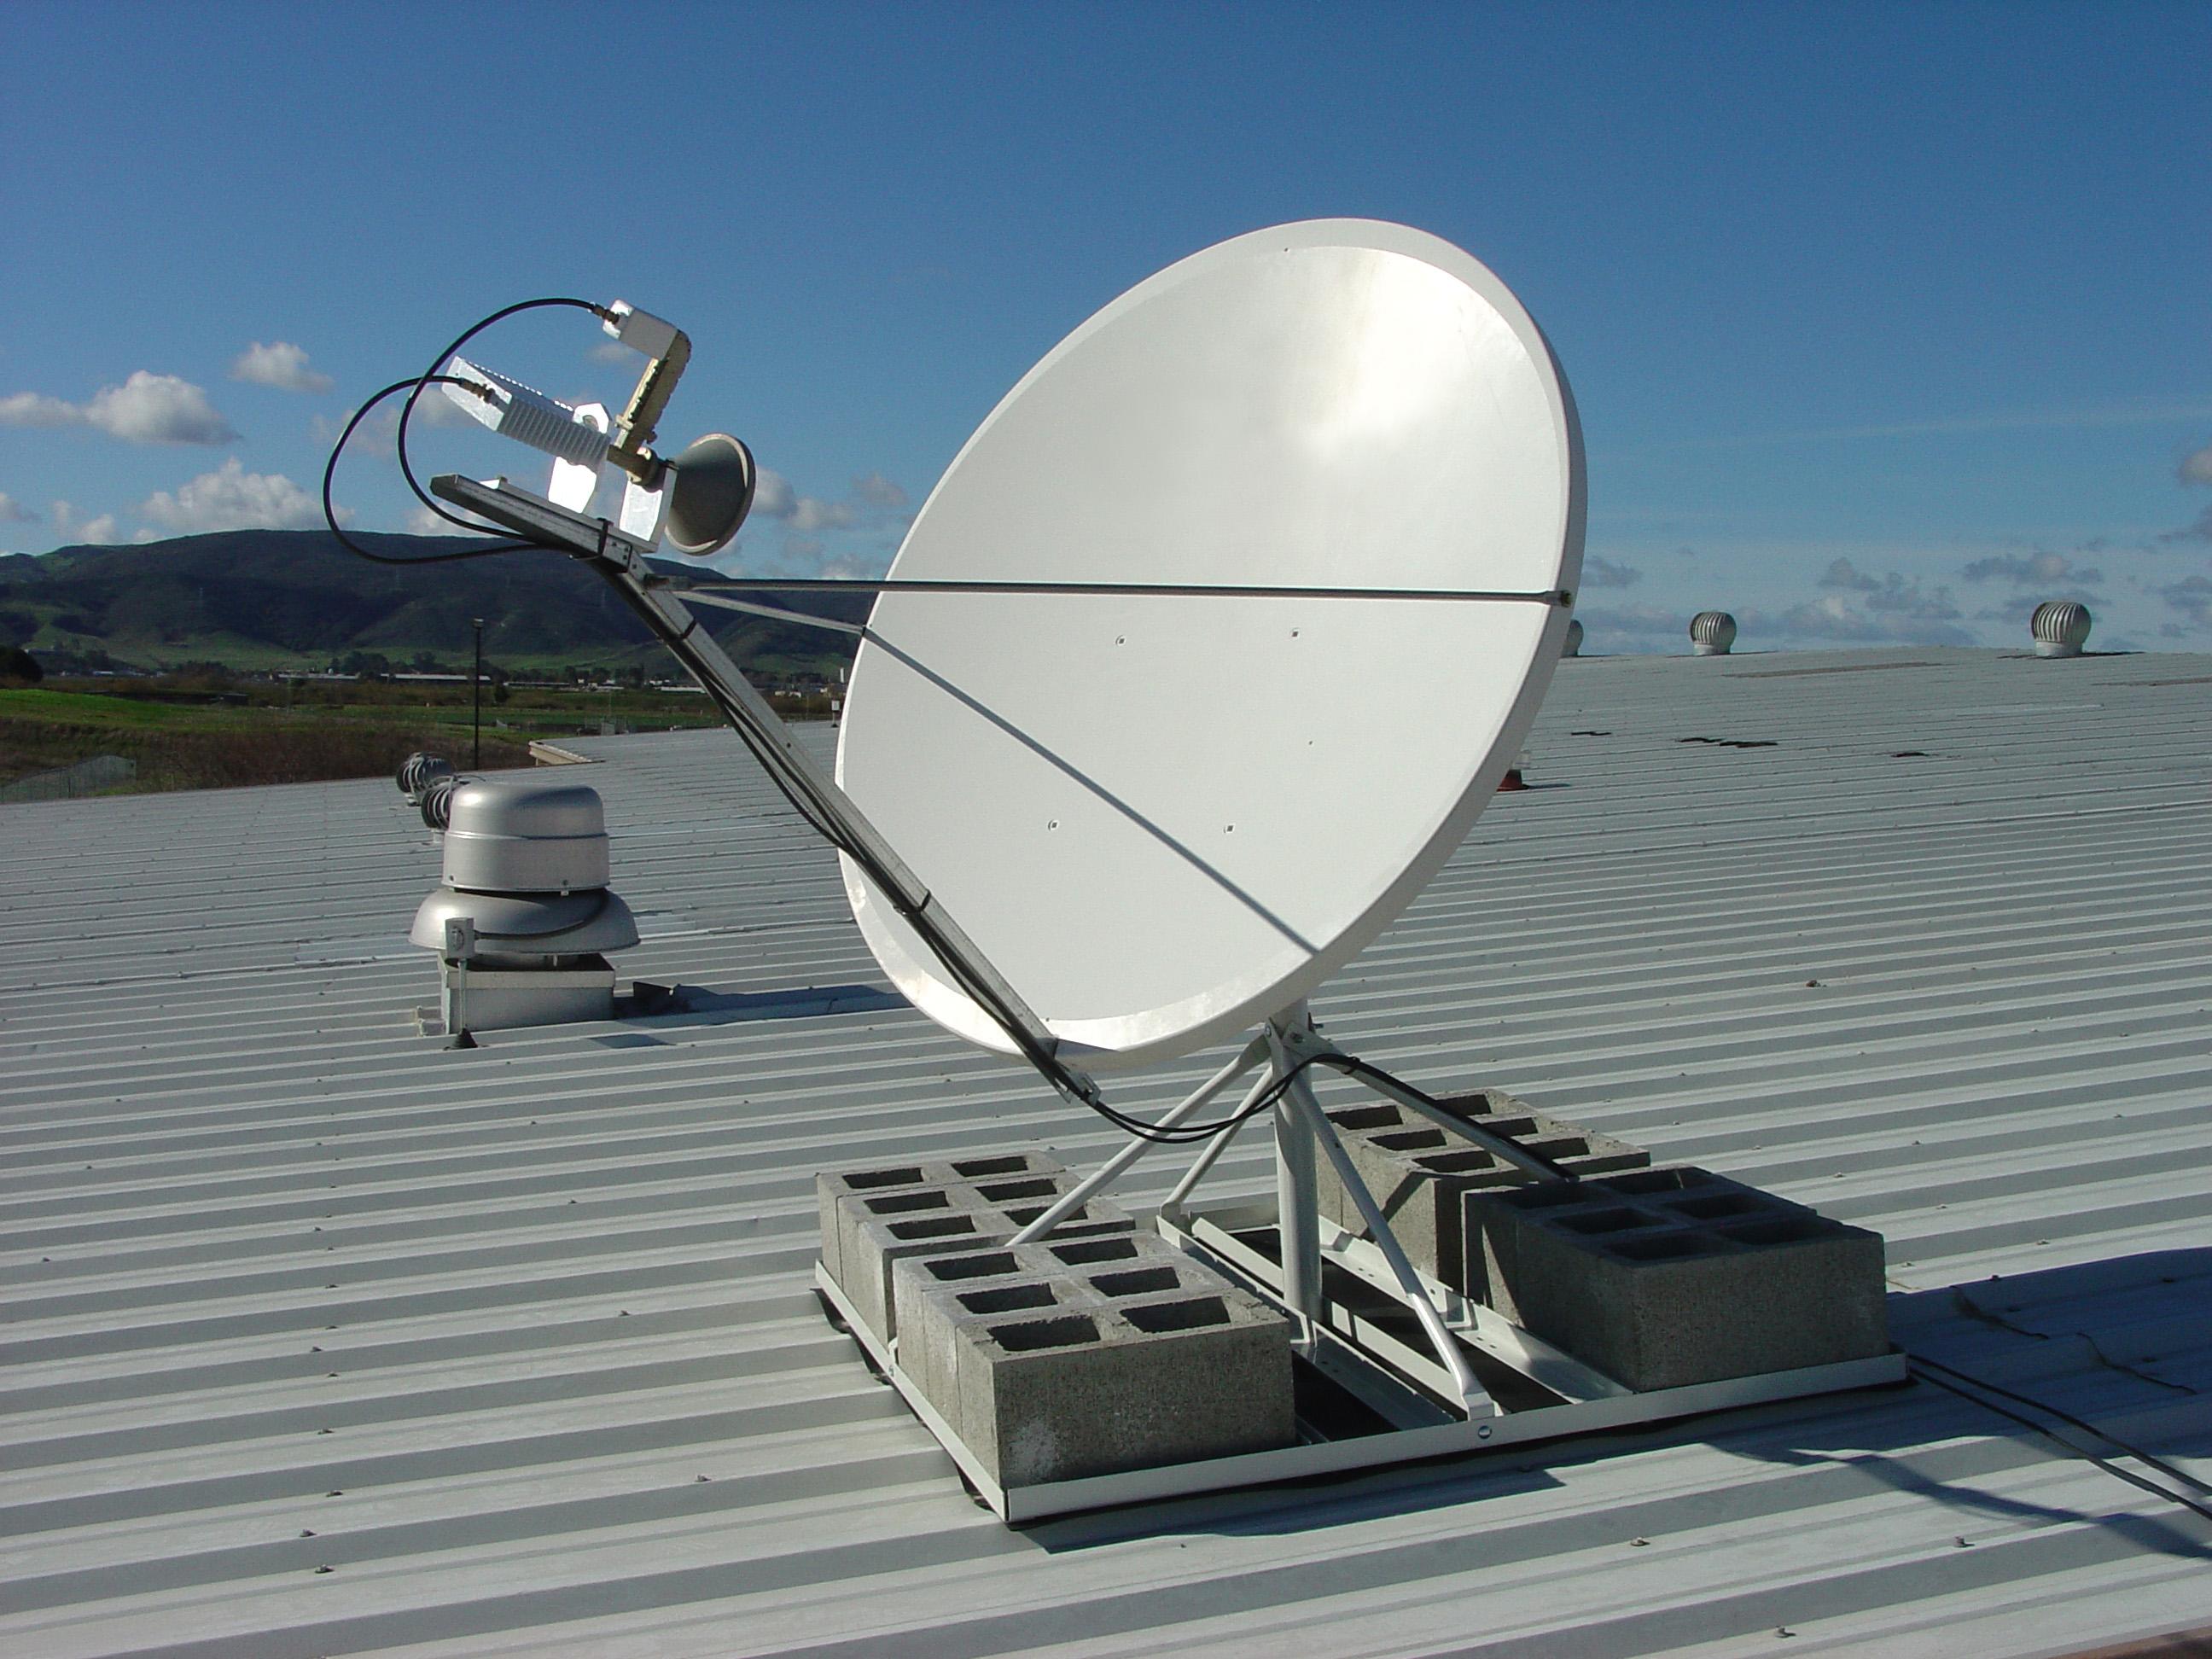 автомате обе картинки по теме спутниковый доступ в интернет друзей